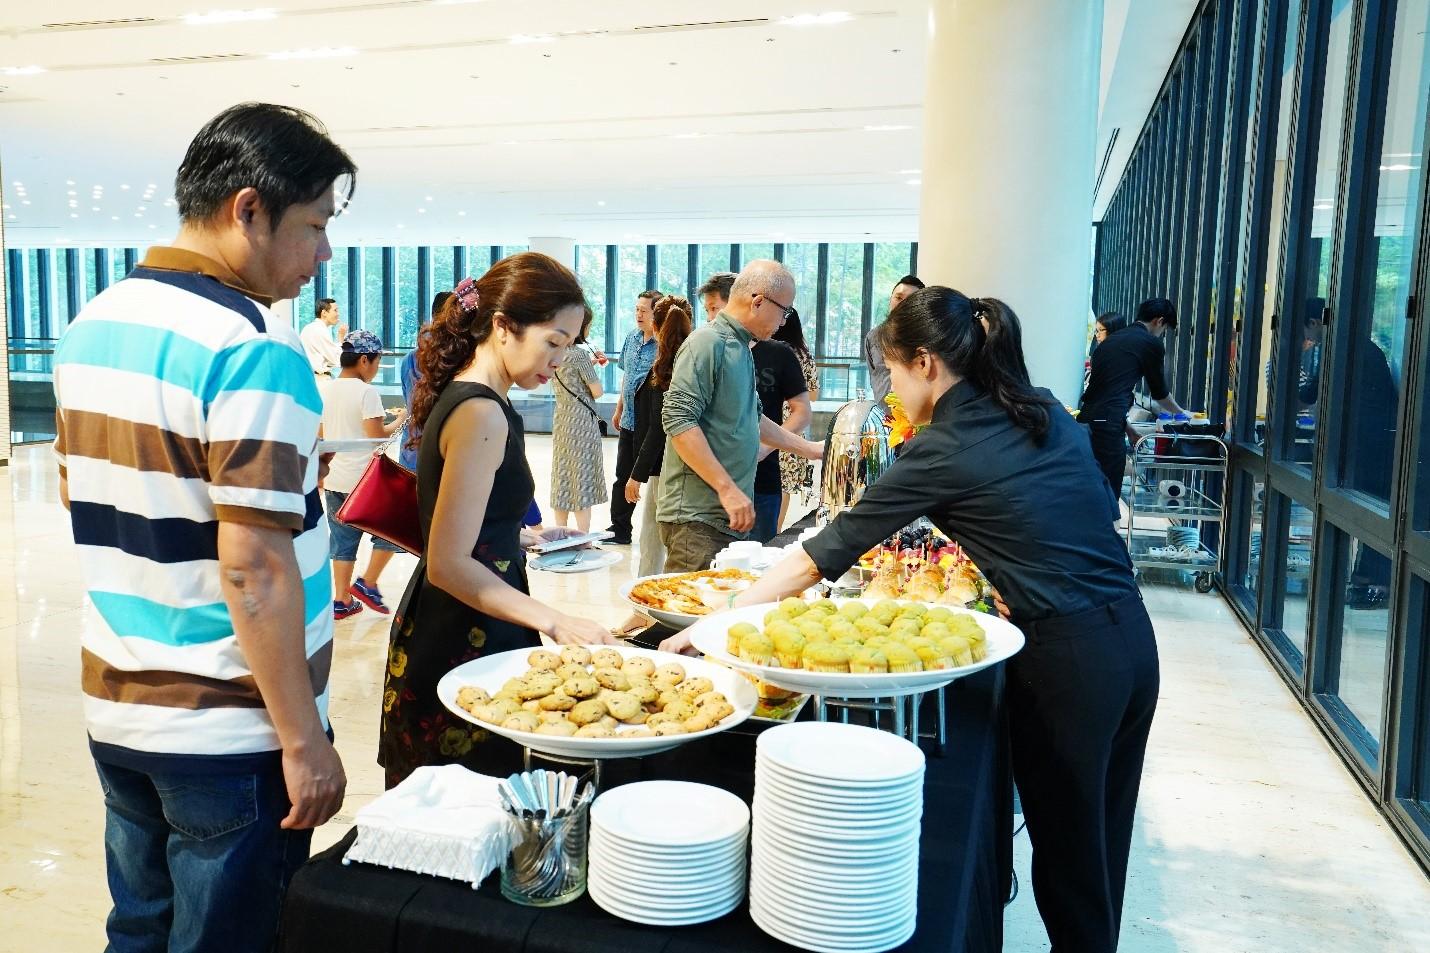 Hội thảo có buổi teabreak giữa giờ với các món ăn nhẹ